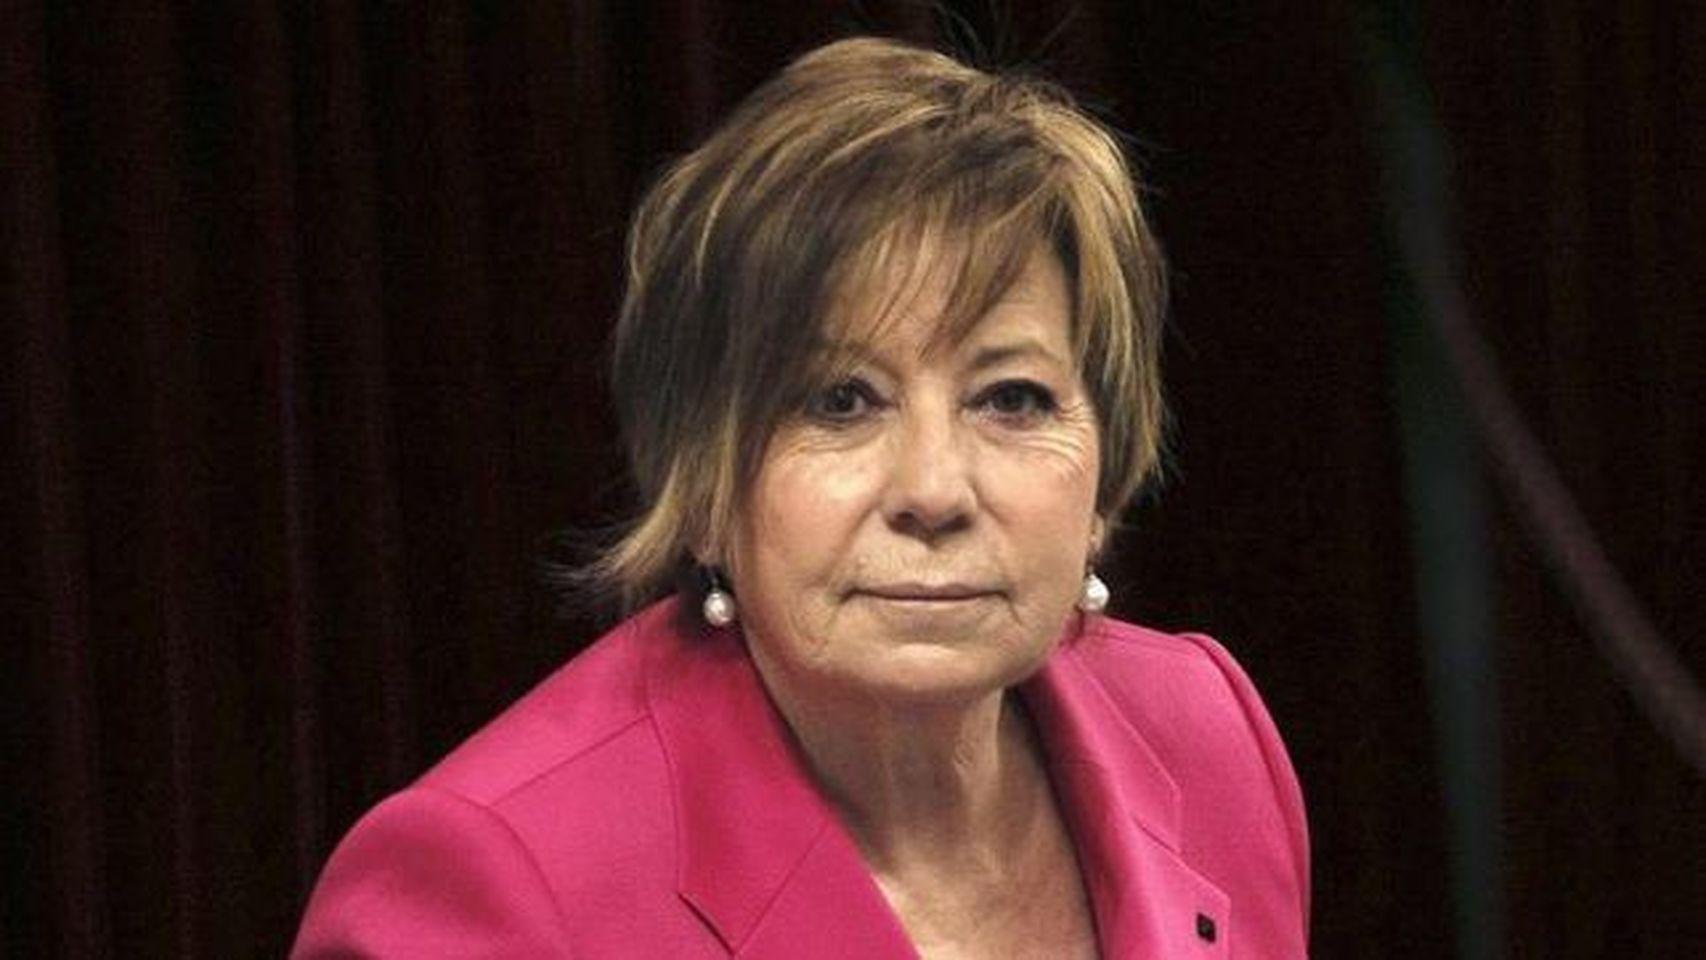 La veterana Celia Villalobos cobra 4.300 brutos de nómina y 1.842 euros, libres de impuestos para gastos